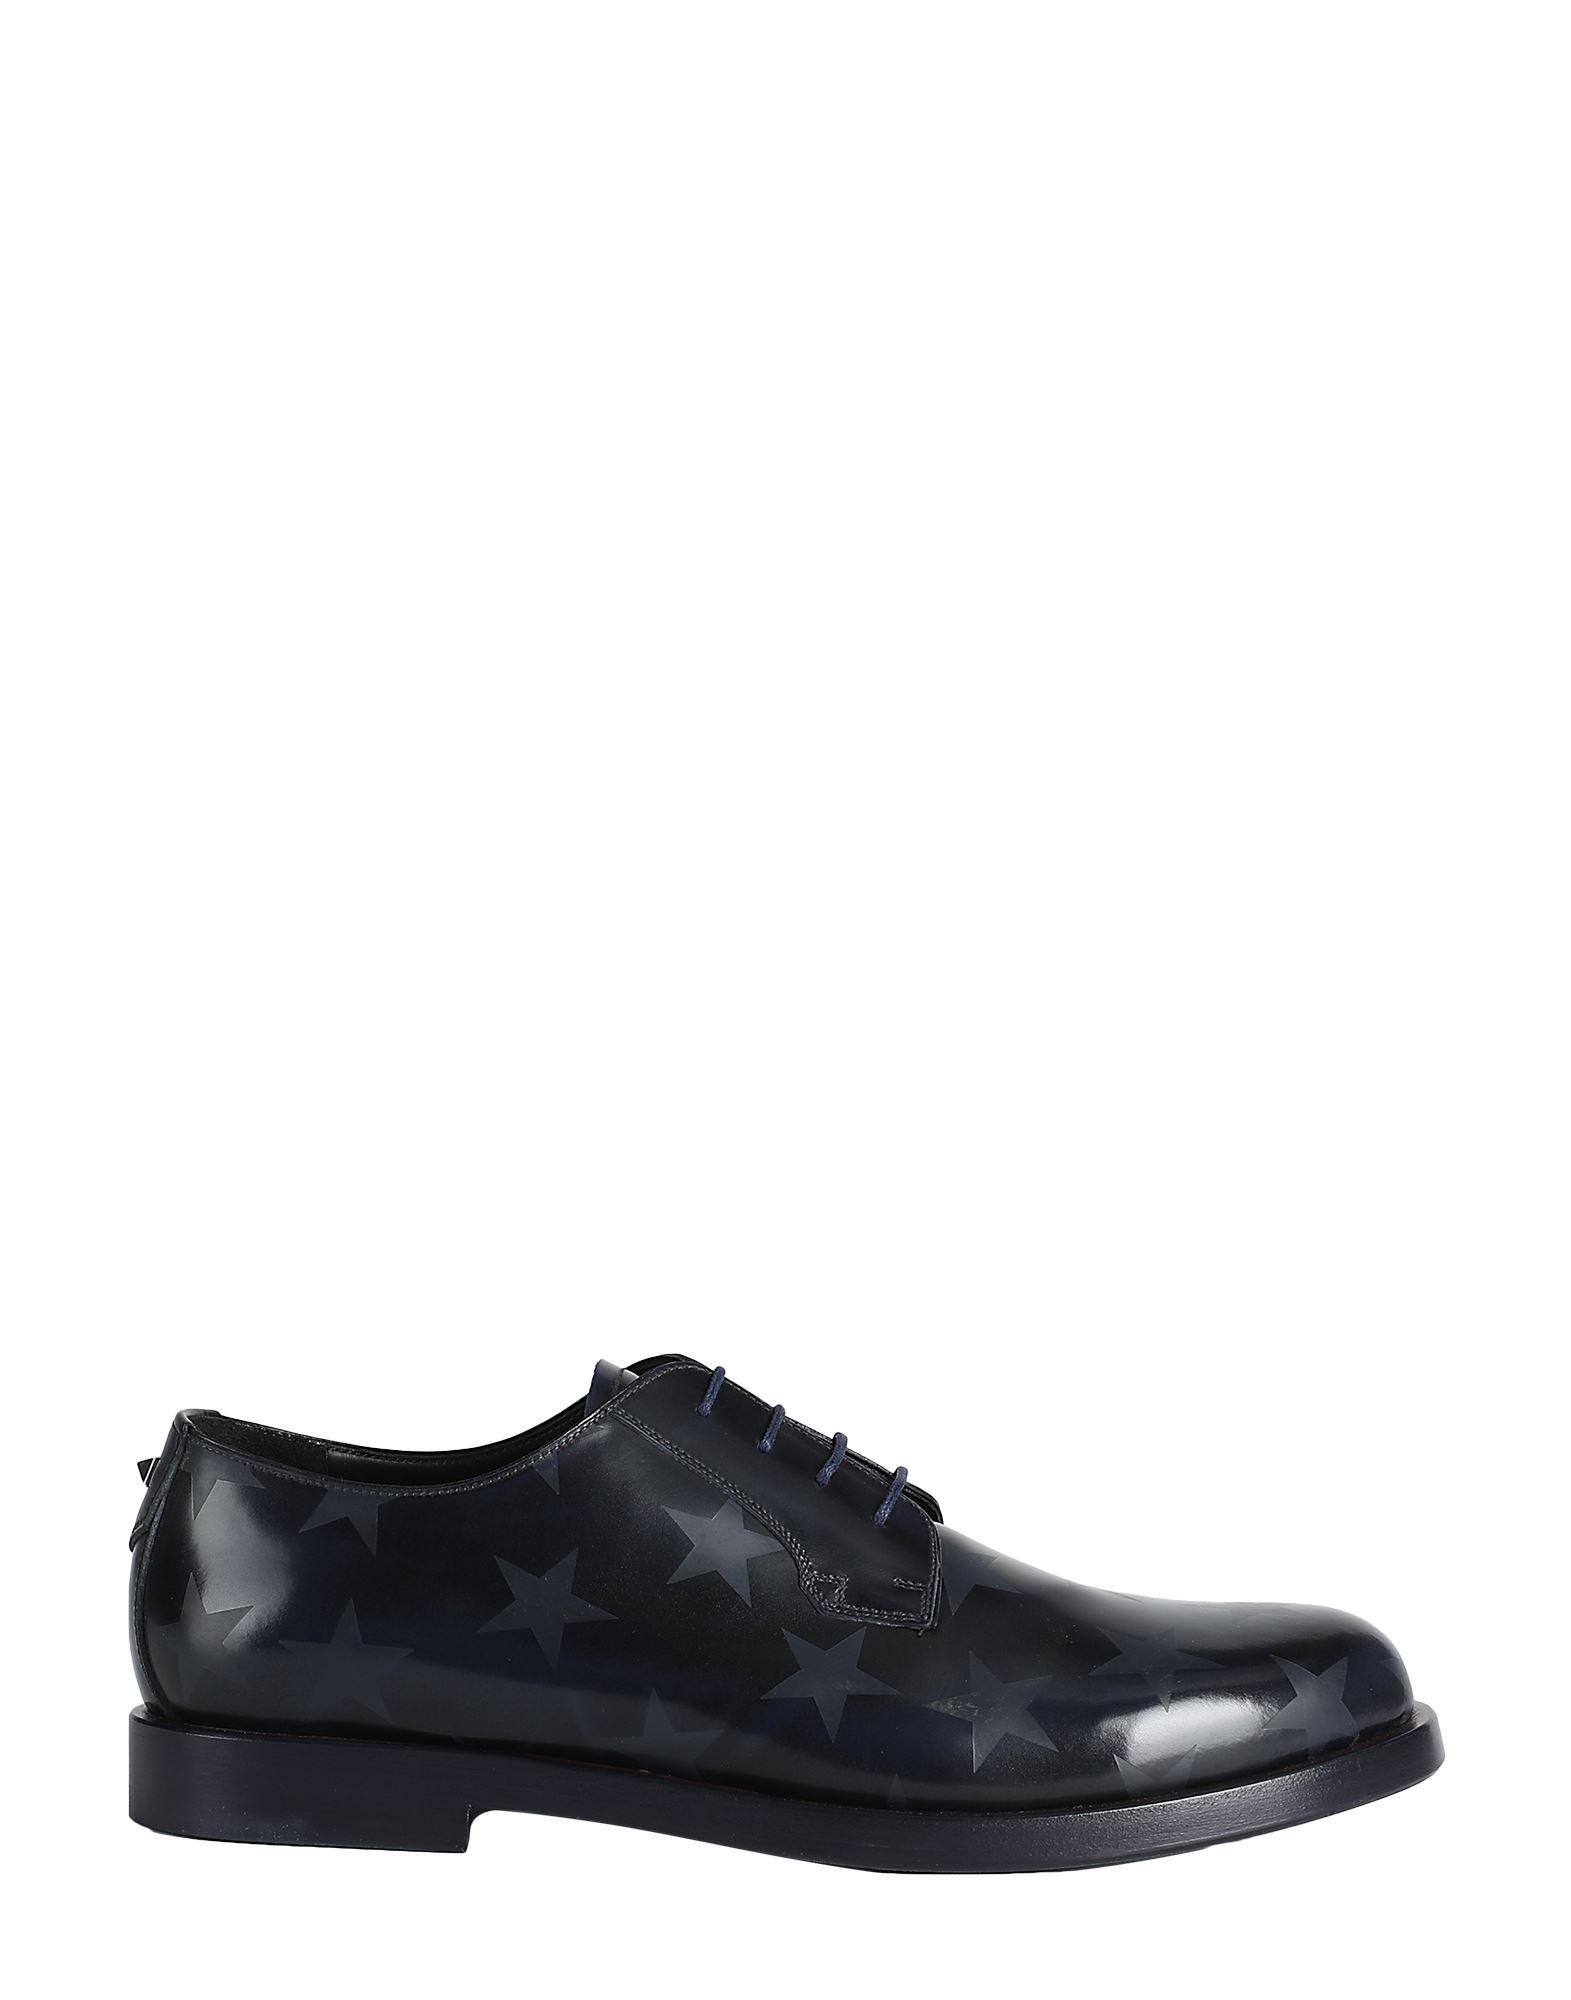 Valentino Garavani Schnürschuhe Herren  11314081RV Gute Qualität beliebte Schuhe